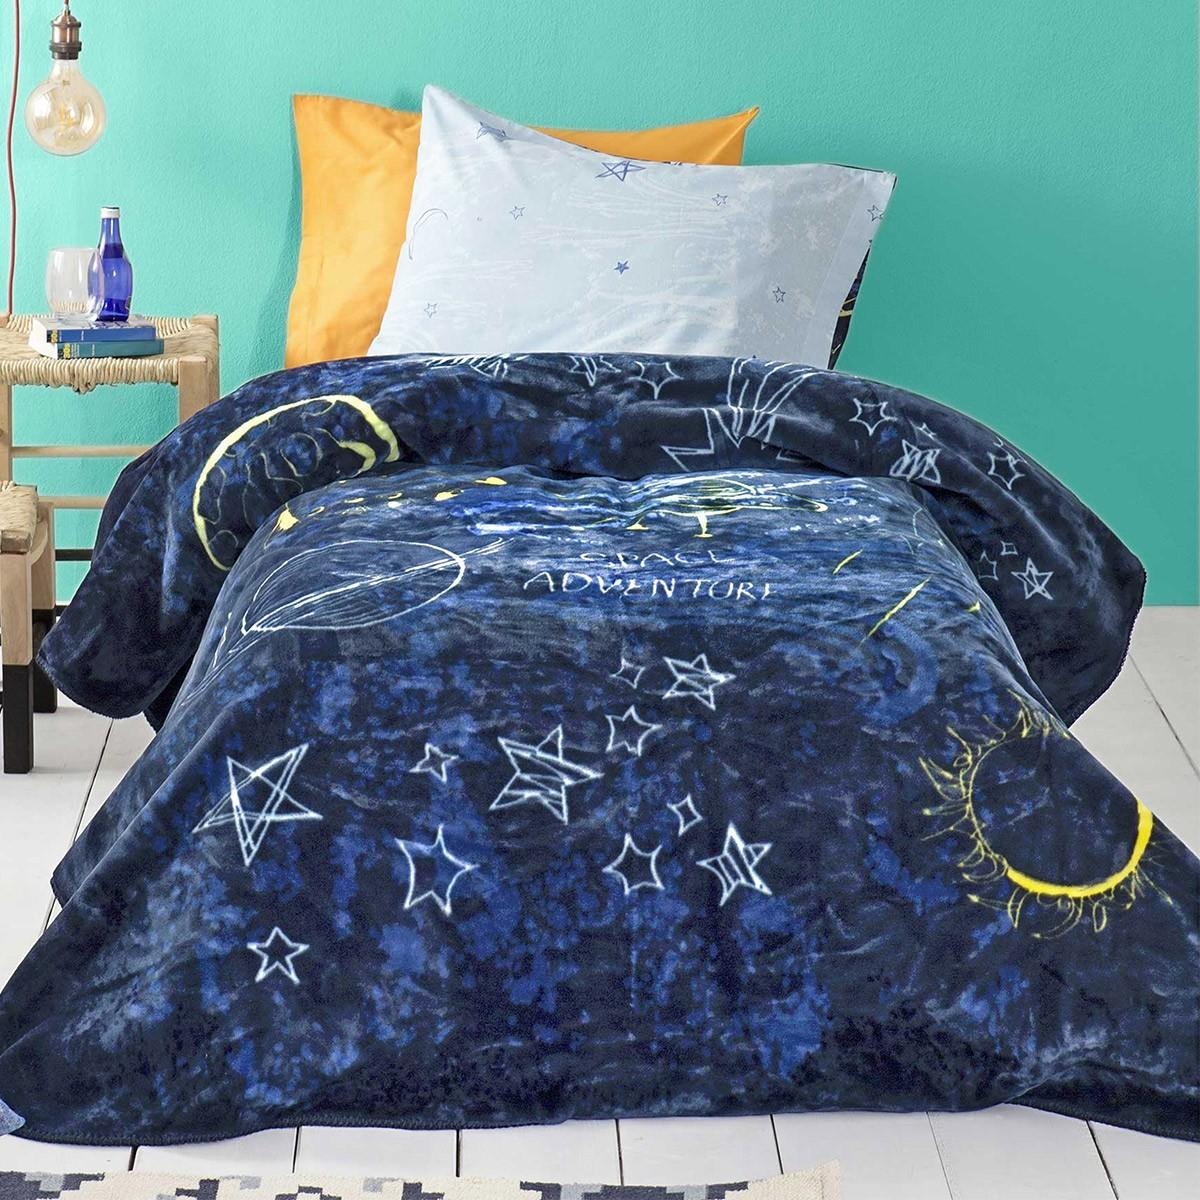 Κουβέρτα Βελουτέ Μονή Nima Kids Space Adventure home   παιδικά   κουβέρτες παιδικές   κουβέρτες βελουτέ